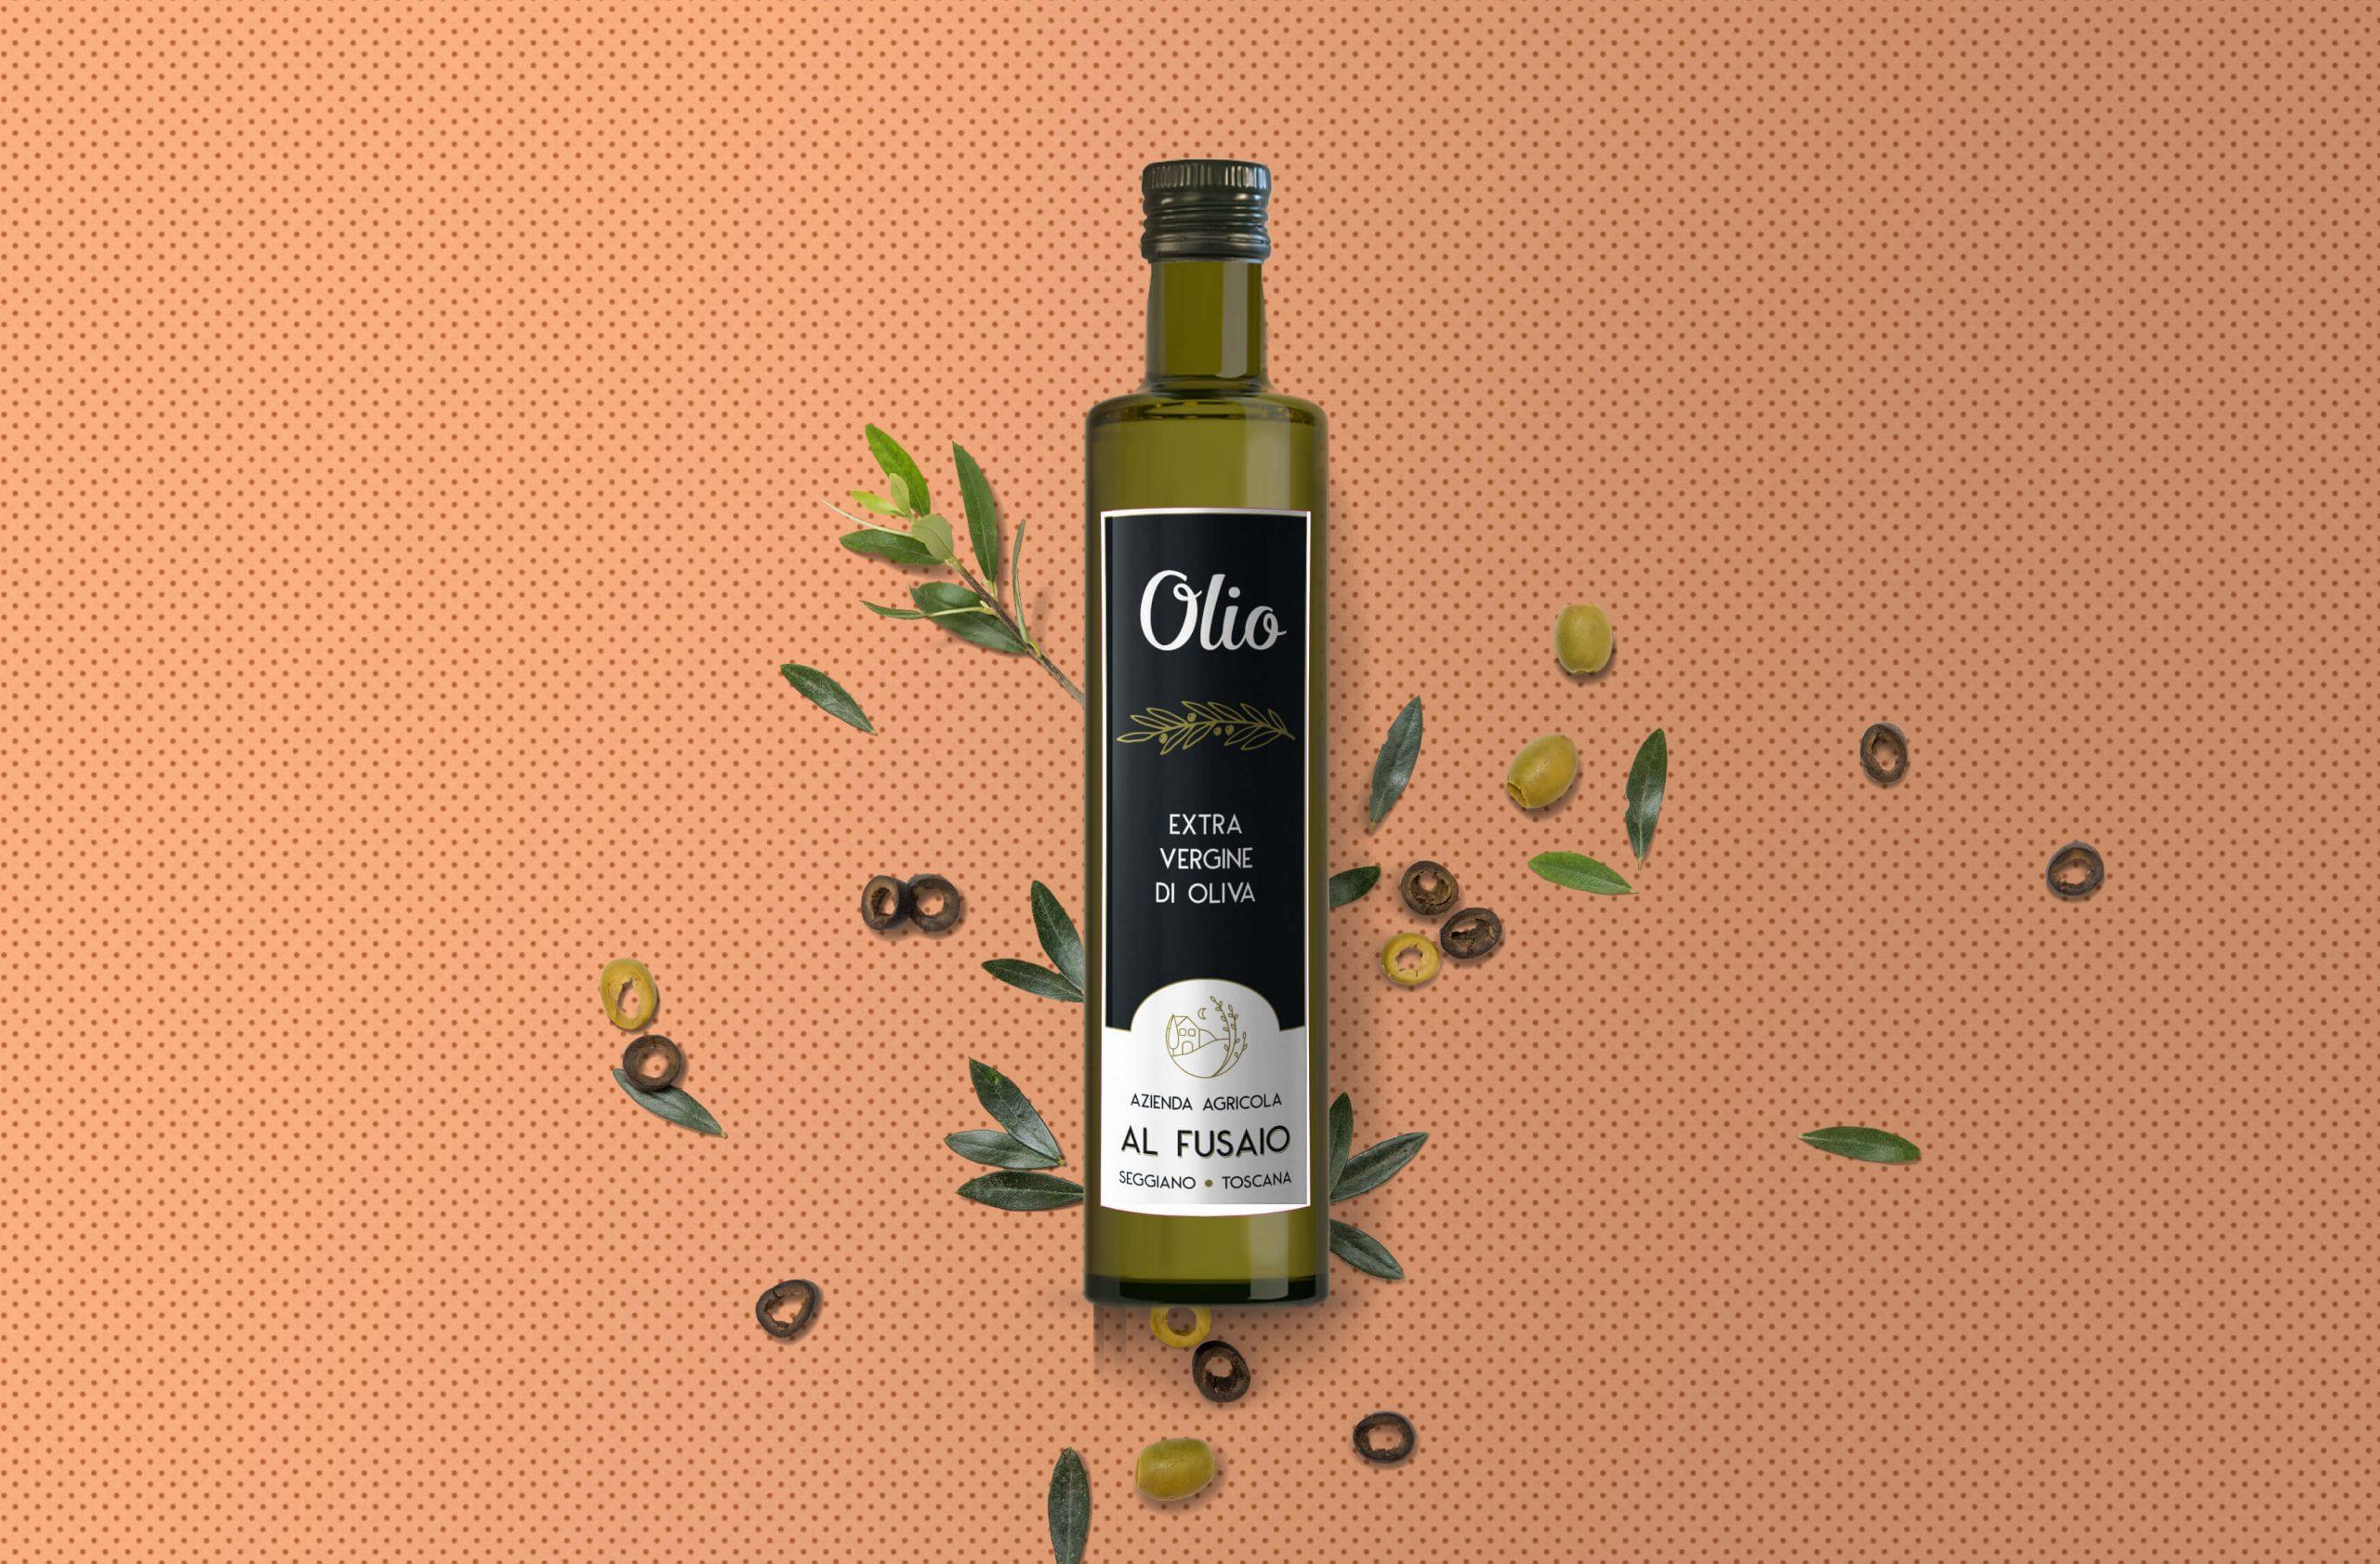 Etichetta frontale completa bottiglia olio Azienda Agricola Al Fusaio